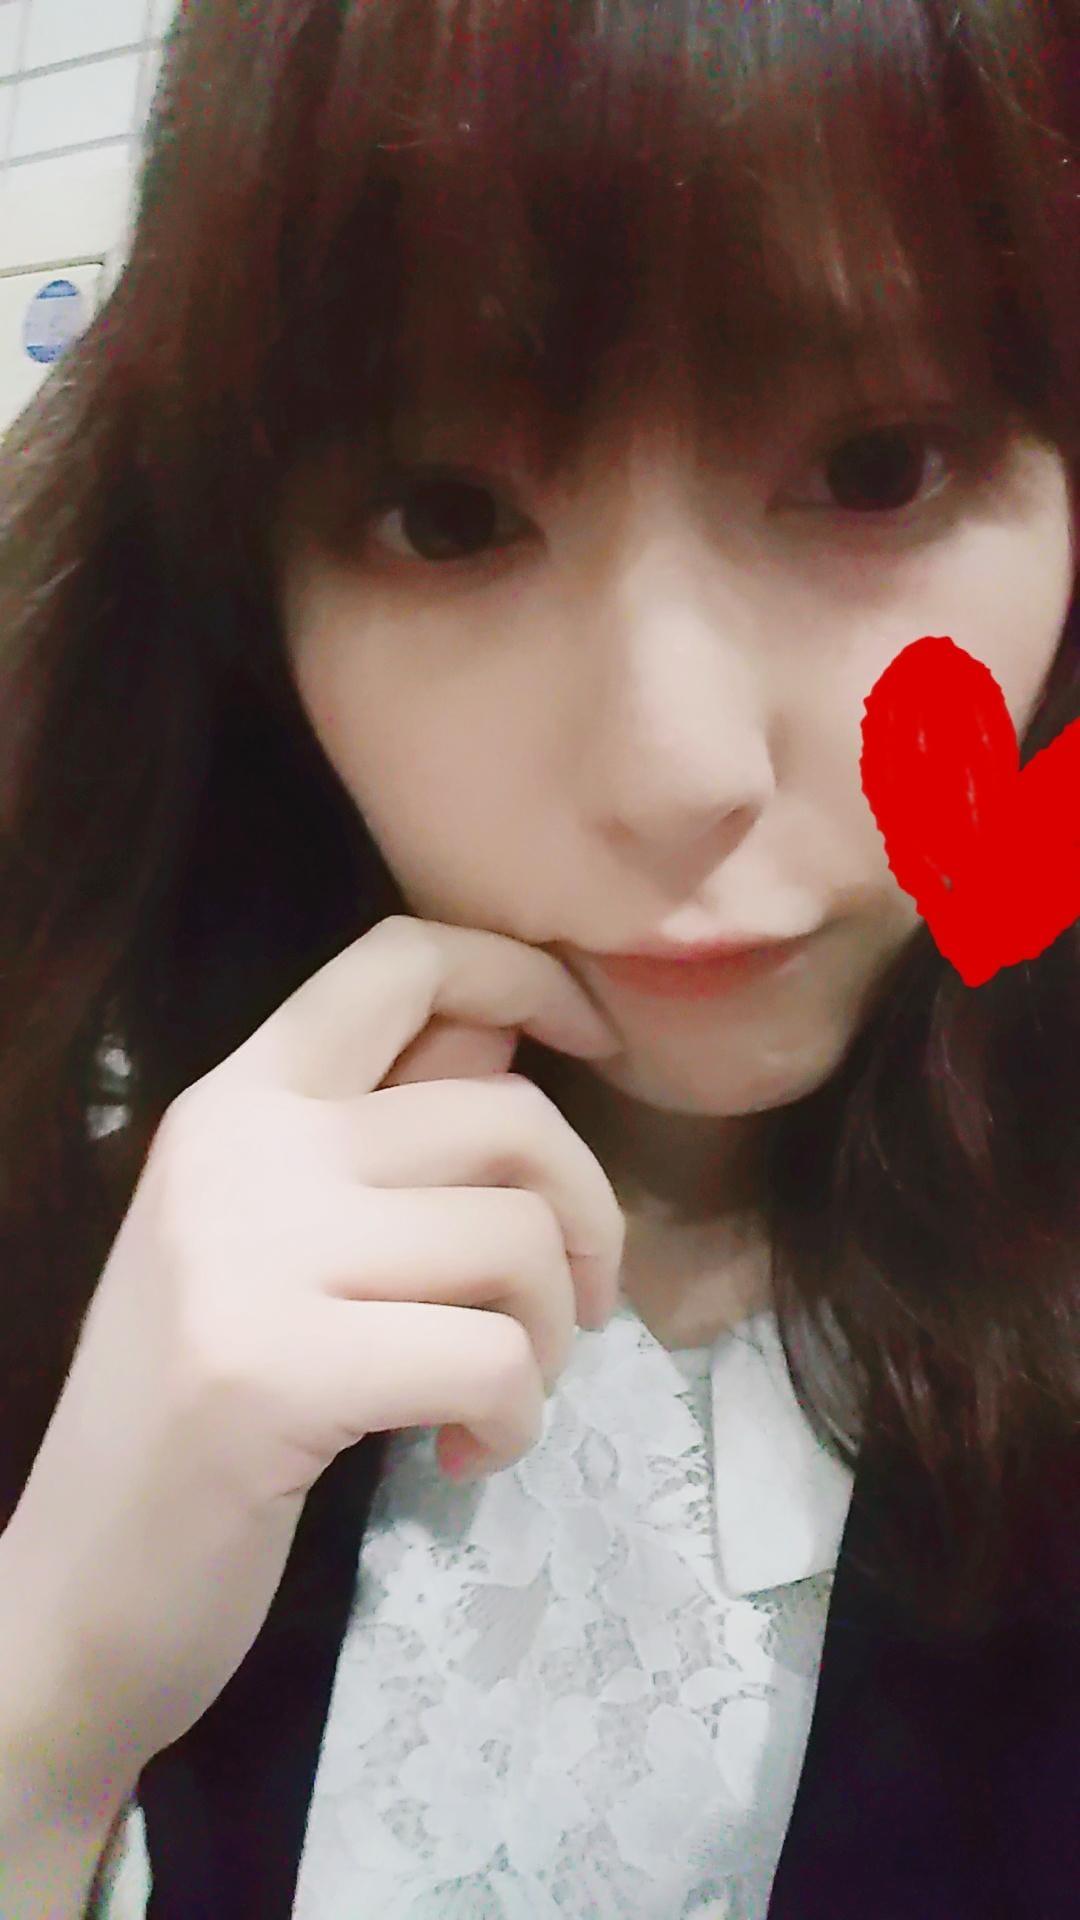 RINA【りな】「ぽっぽっぽっ」05/21(月) 20:00 | RINA【りな】の写メ・風俗動画